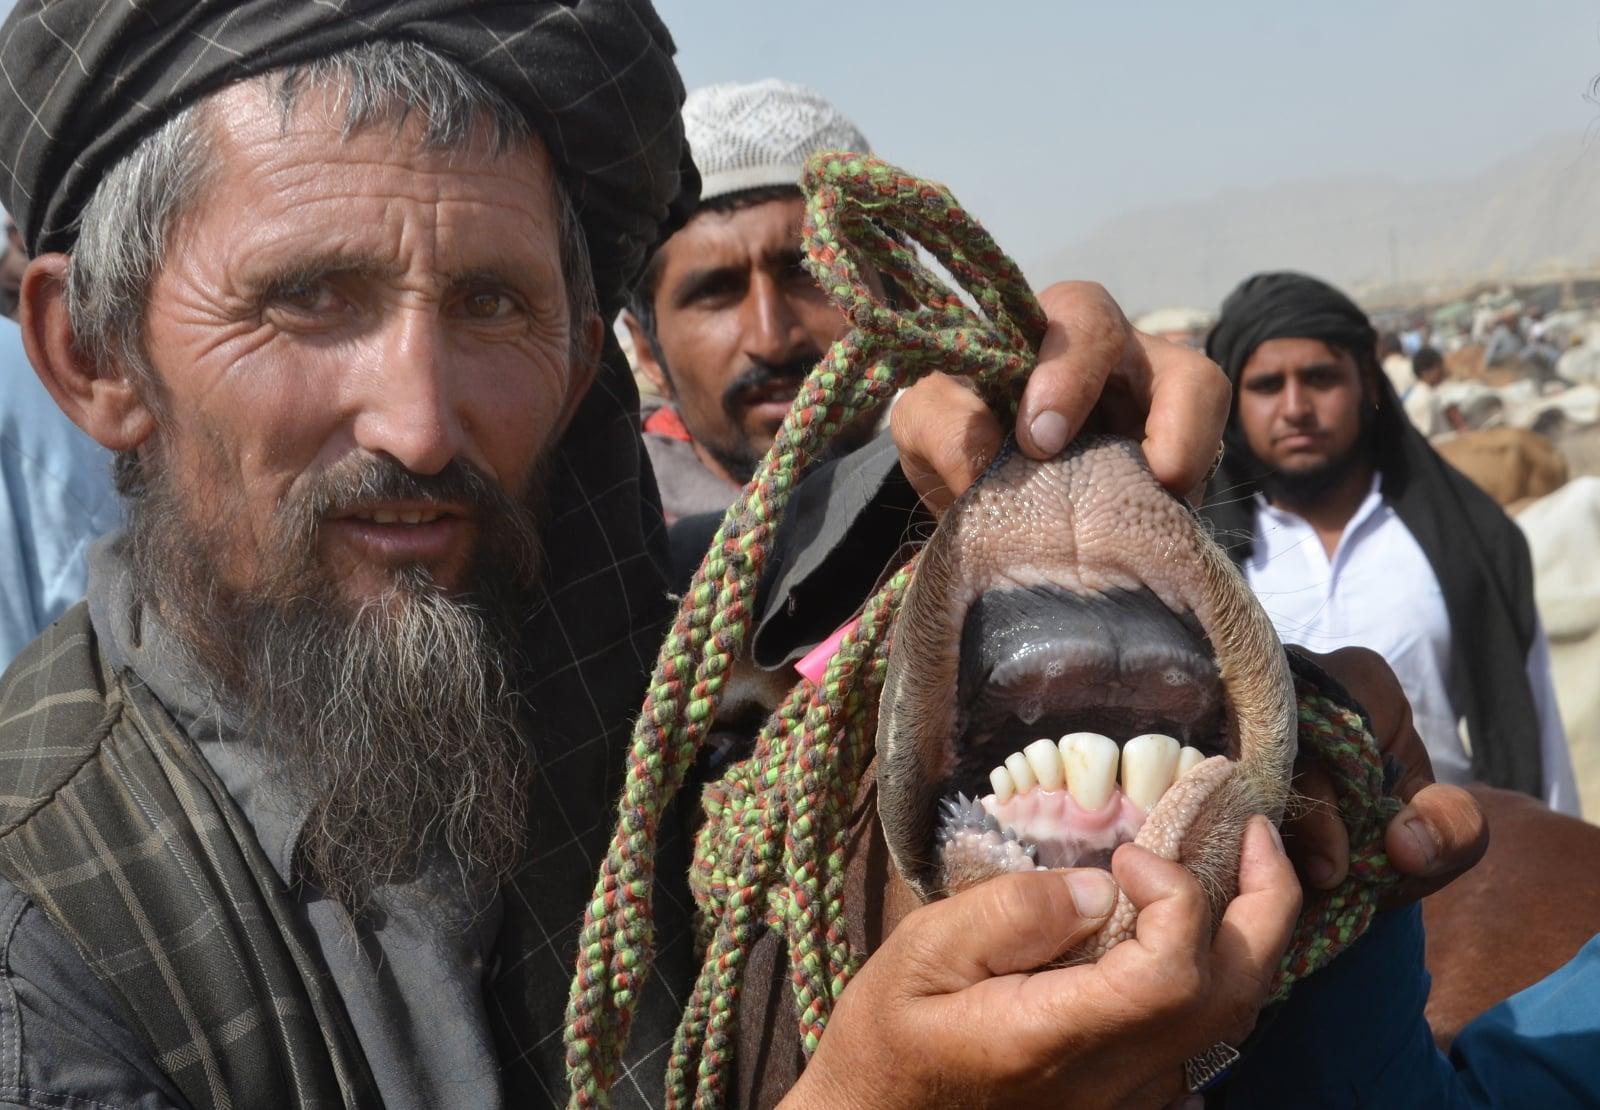 Mężczyzna bada zęby zwierzęcia ofiarnego, żeby ustalić jego wiek na święto Id al-Adha, Pakistan. Fot. PAP/EPA/JAMAL TARAQAI